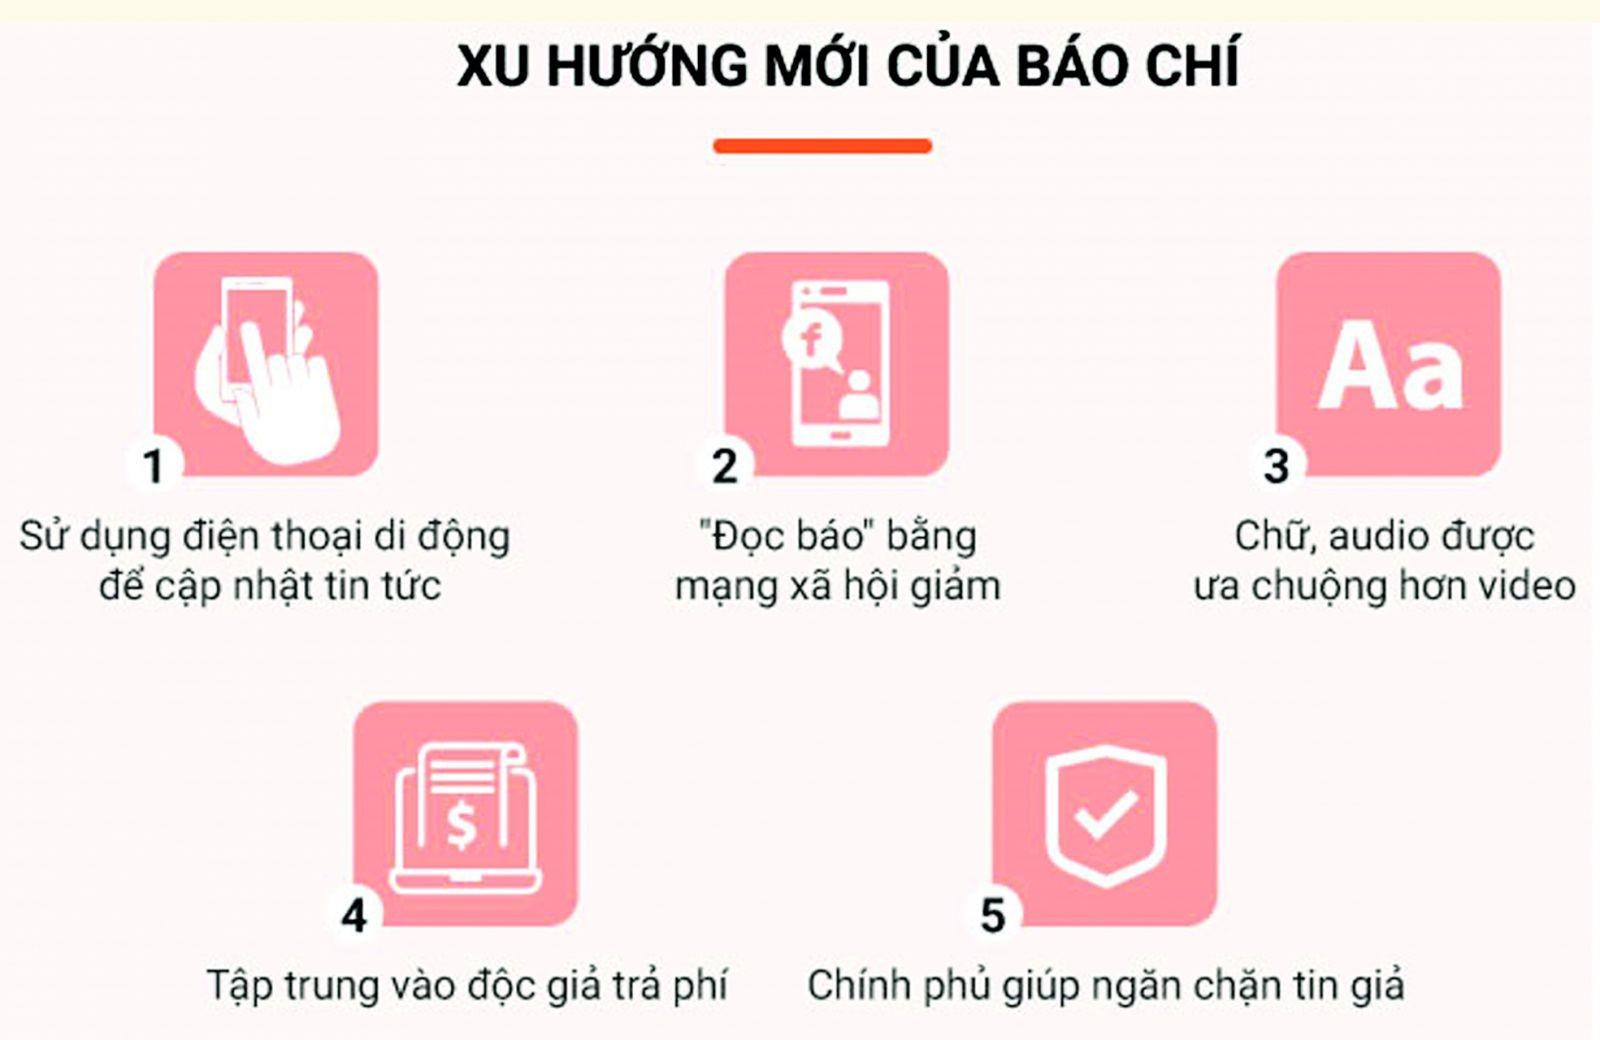 xu-huong-1632983334.jpg